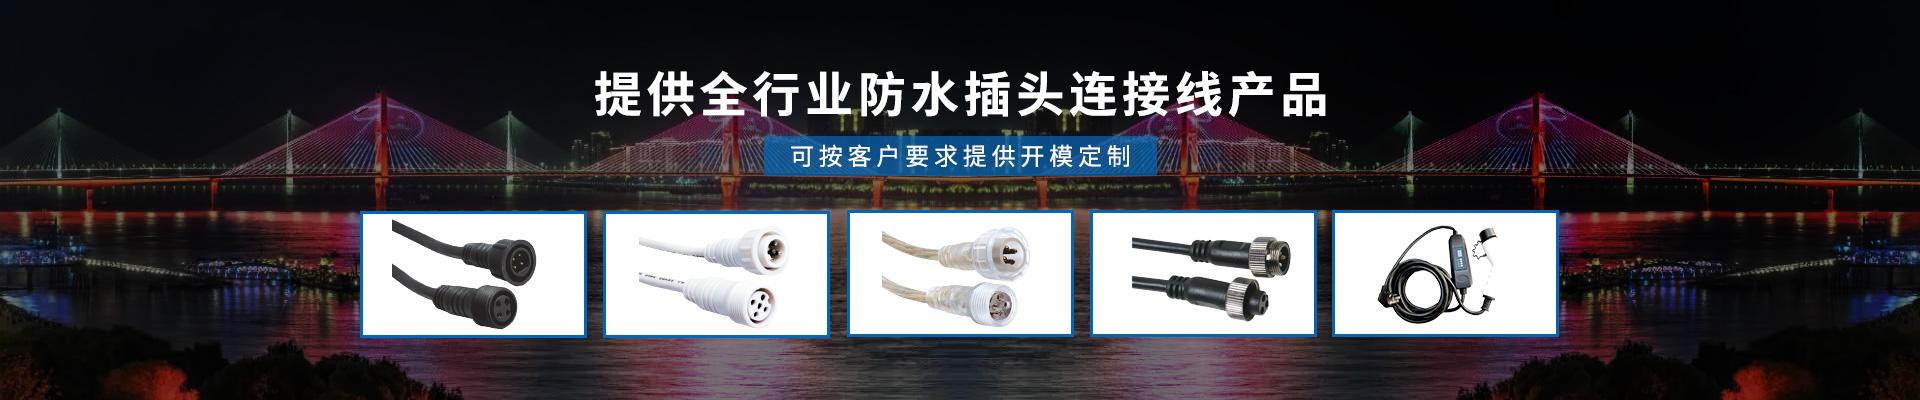 祺鑫防水插-提供全行业防水插头连接线产品